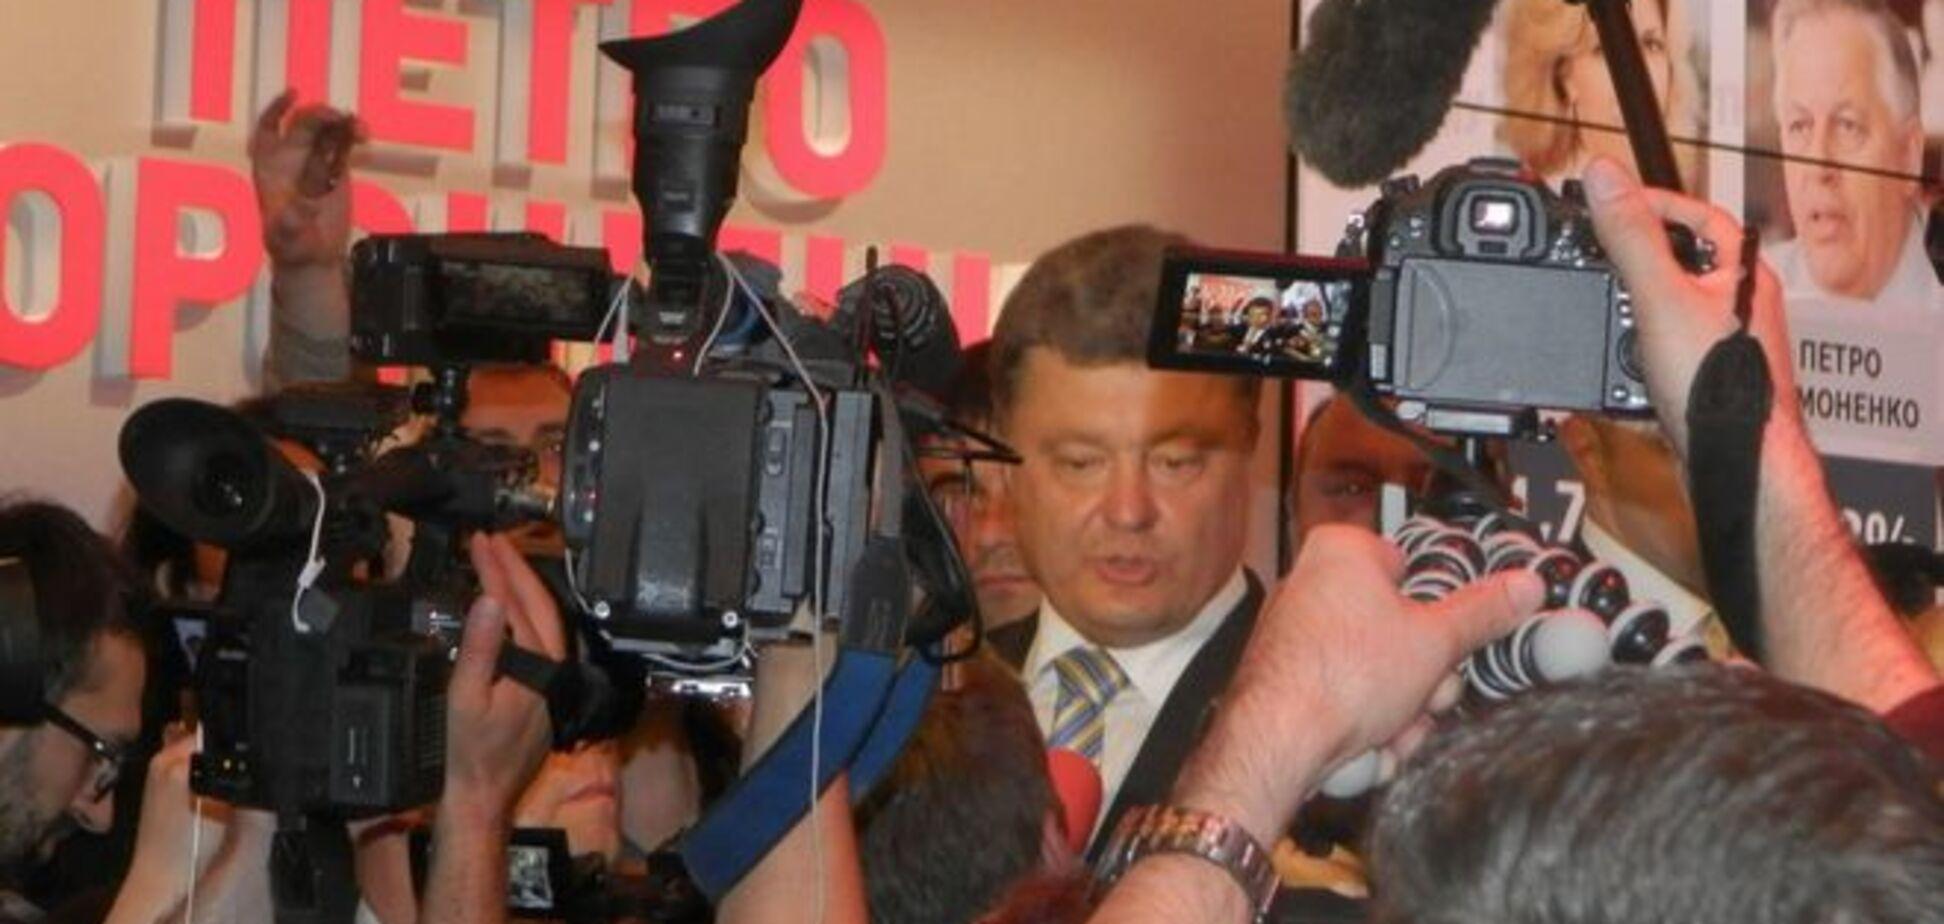 Бекстейдж штаба Порошенко: конфеты от 'Roshen' и тьма народу